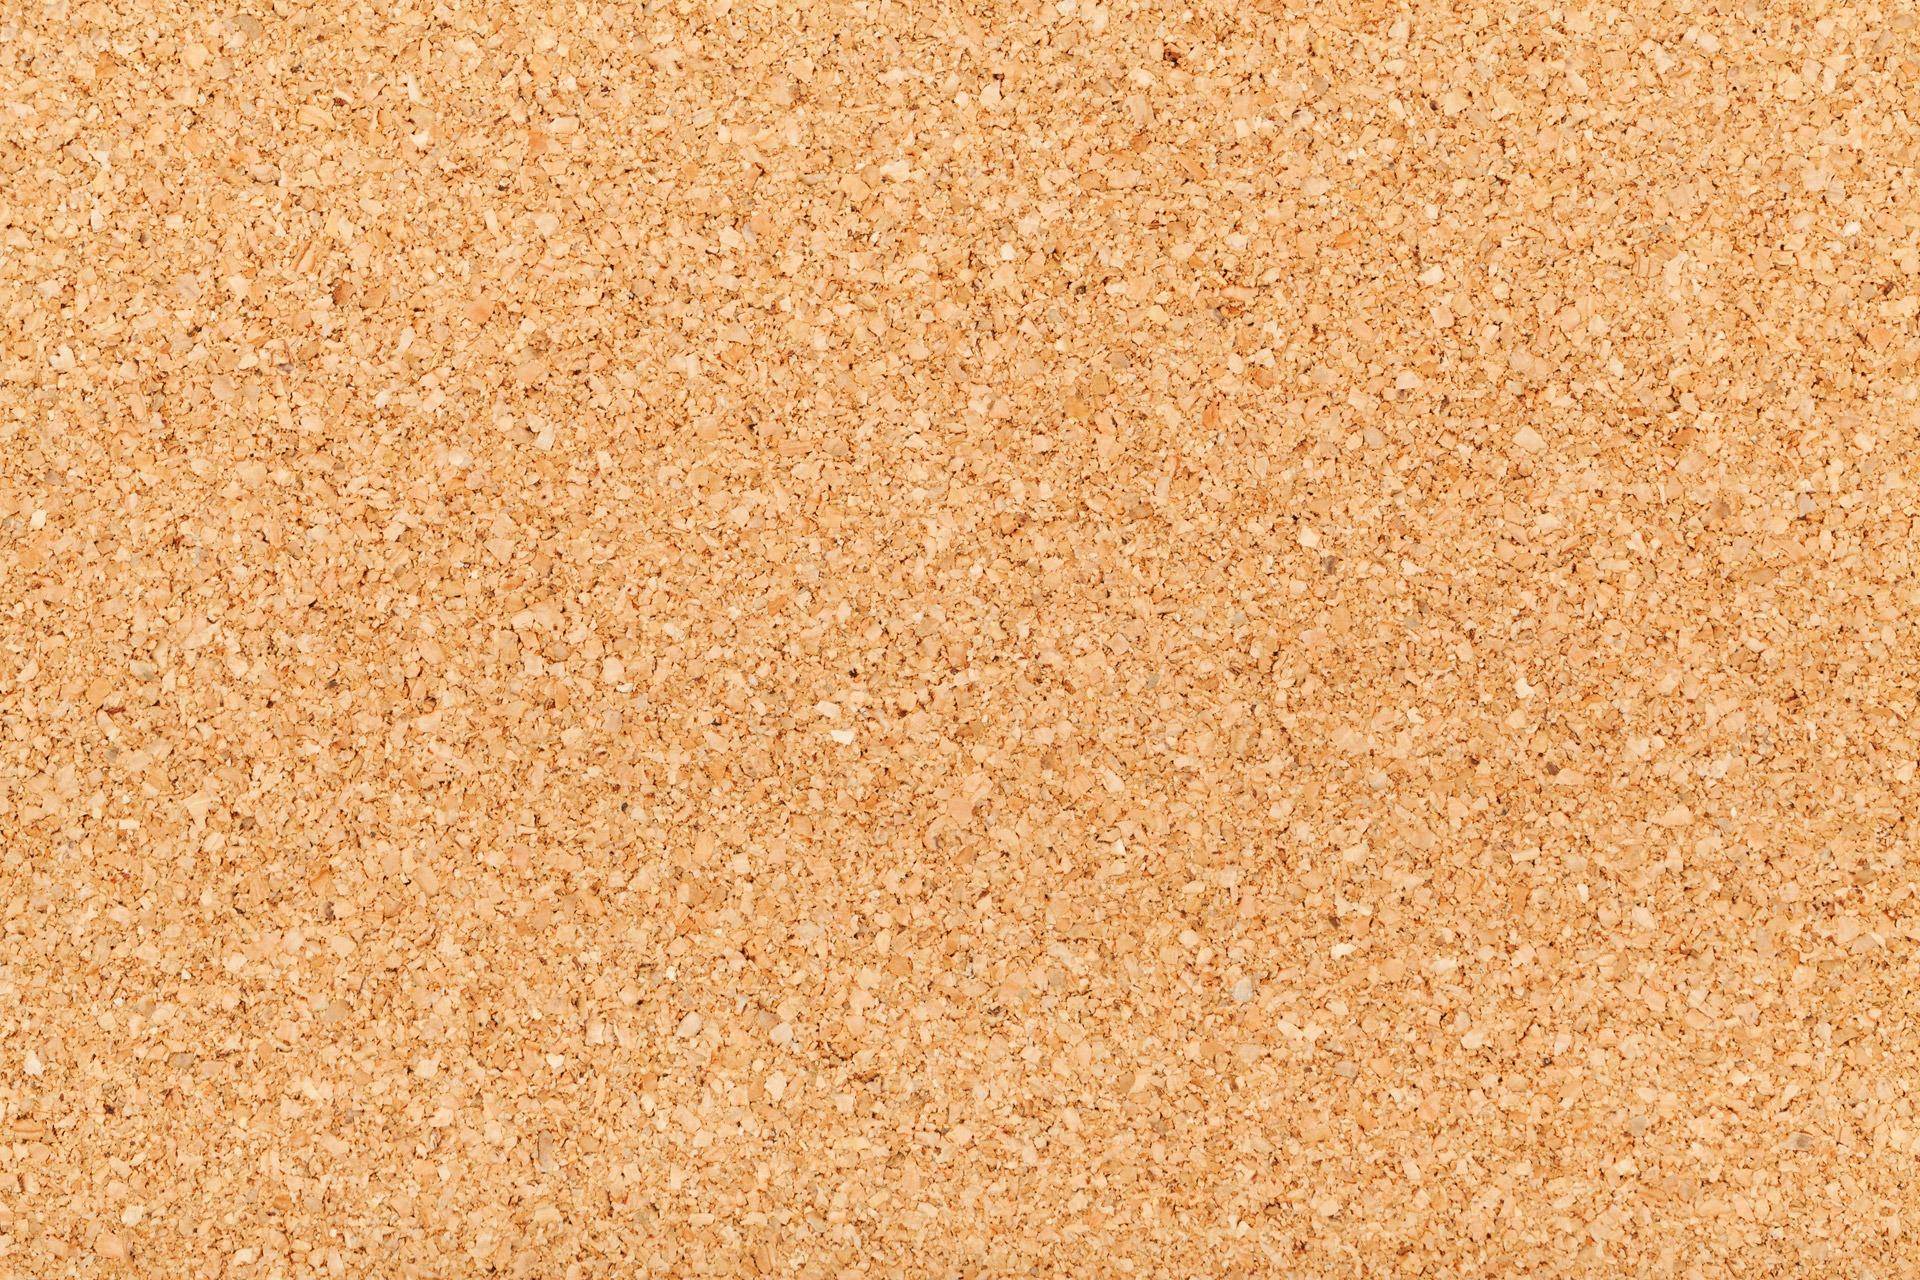 무료 이미지 : 모래, 목재, 조직, 무늬, 사무실, 갈색, 흙, 빈, 사업 ...